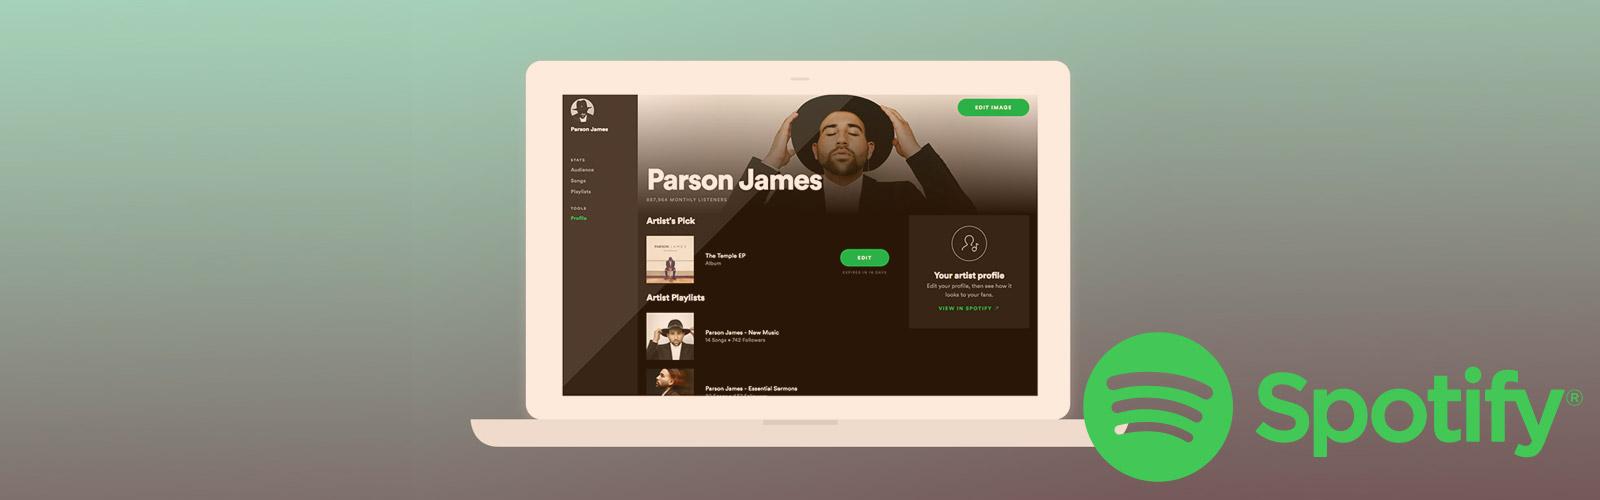 Spotify: come inserire la tua musica nelle playlist di Spotify (Parte 2)